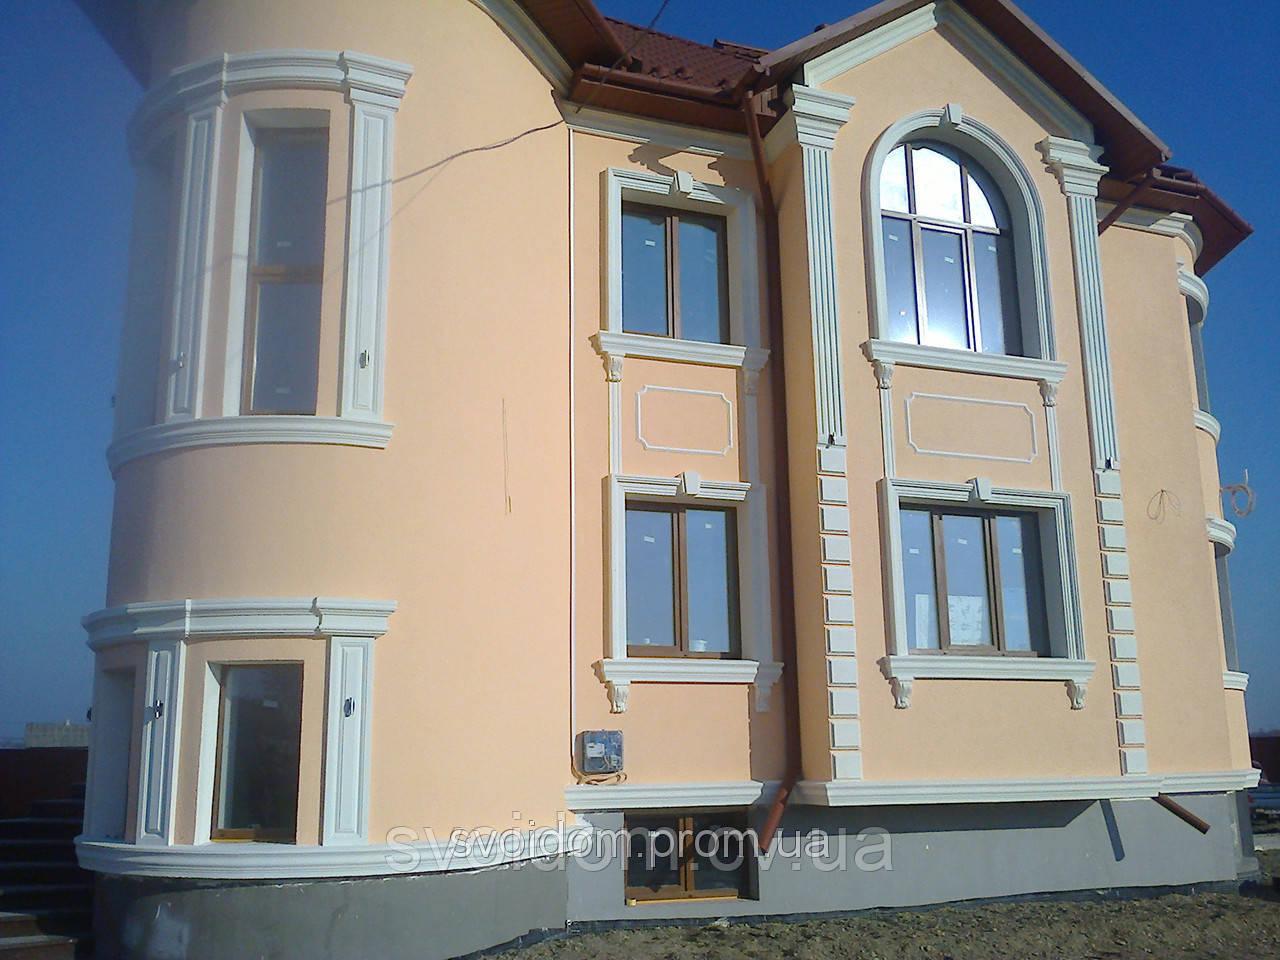 Строительство особняков и коттеджей по Черновцам и области